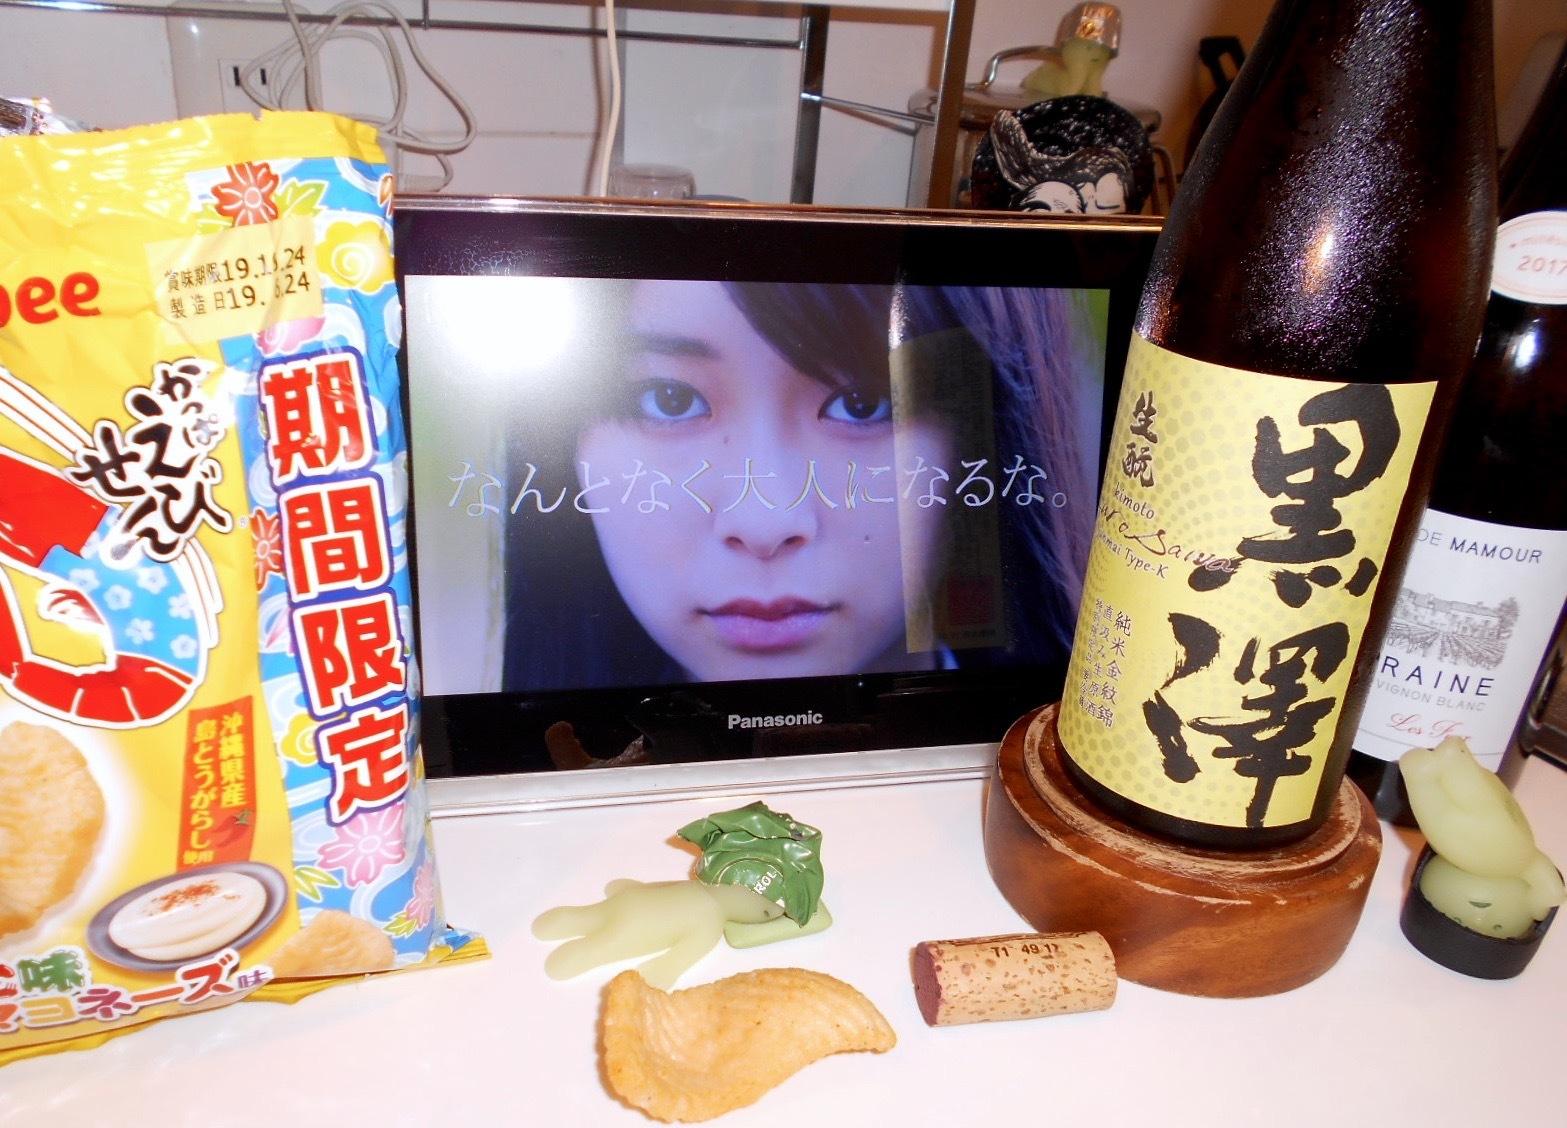 kurosawa_type-k30by3_1.jpg